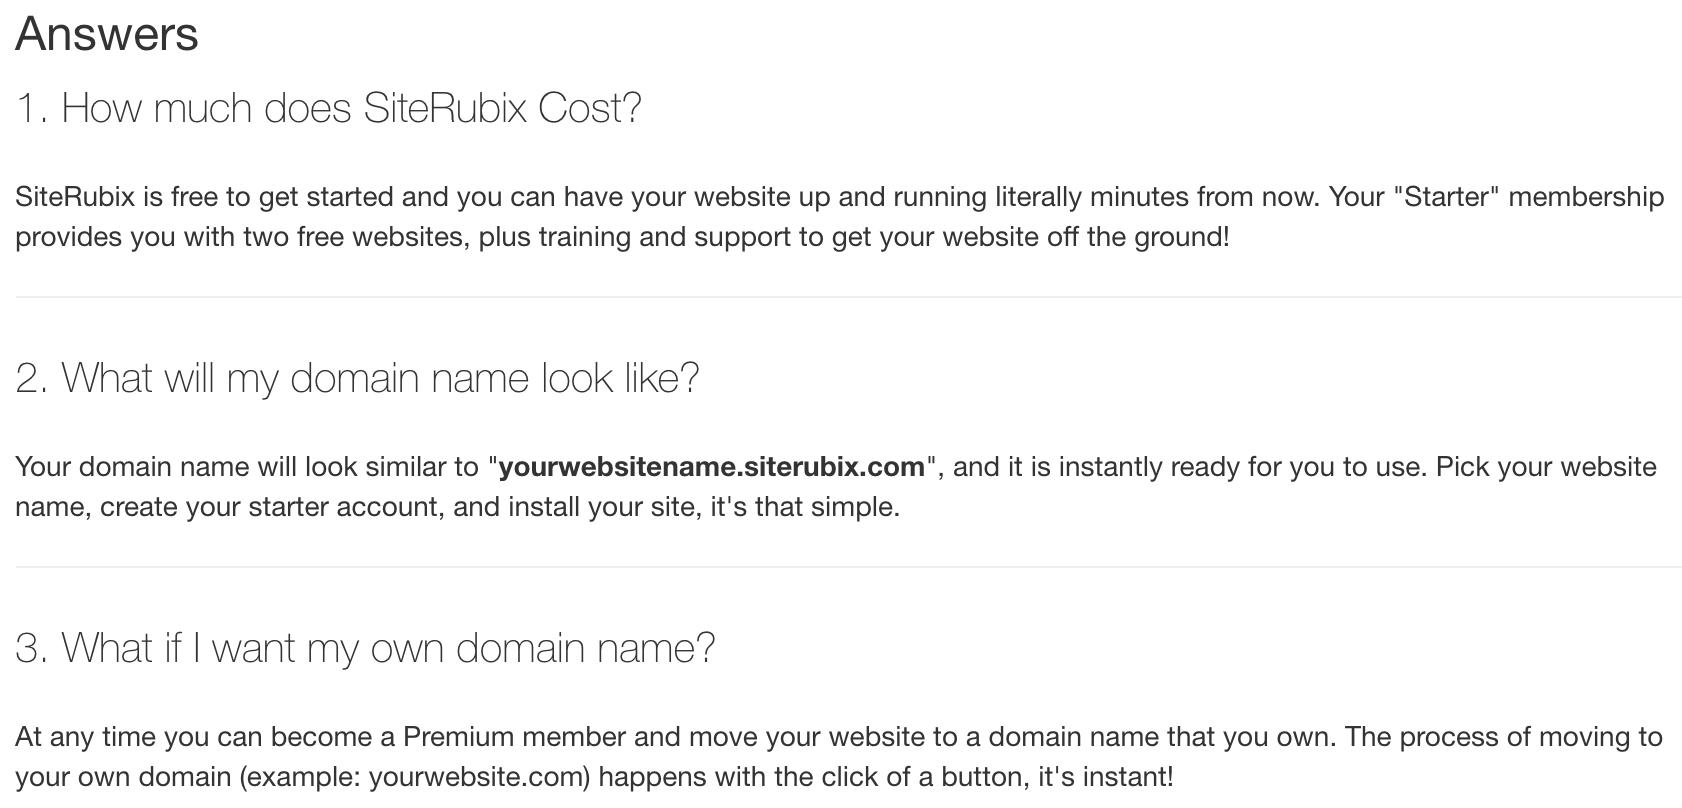 siterubix FAQs